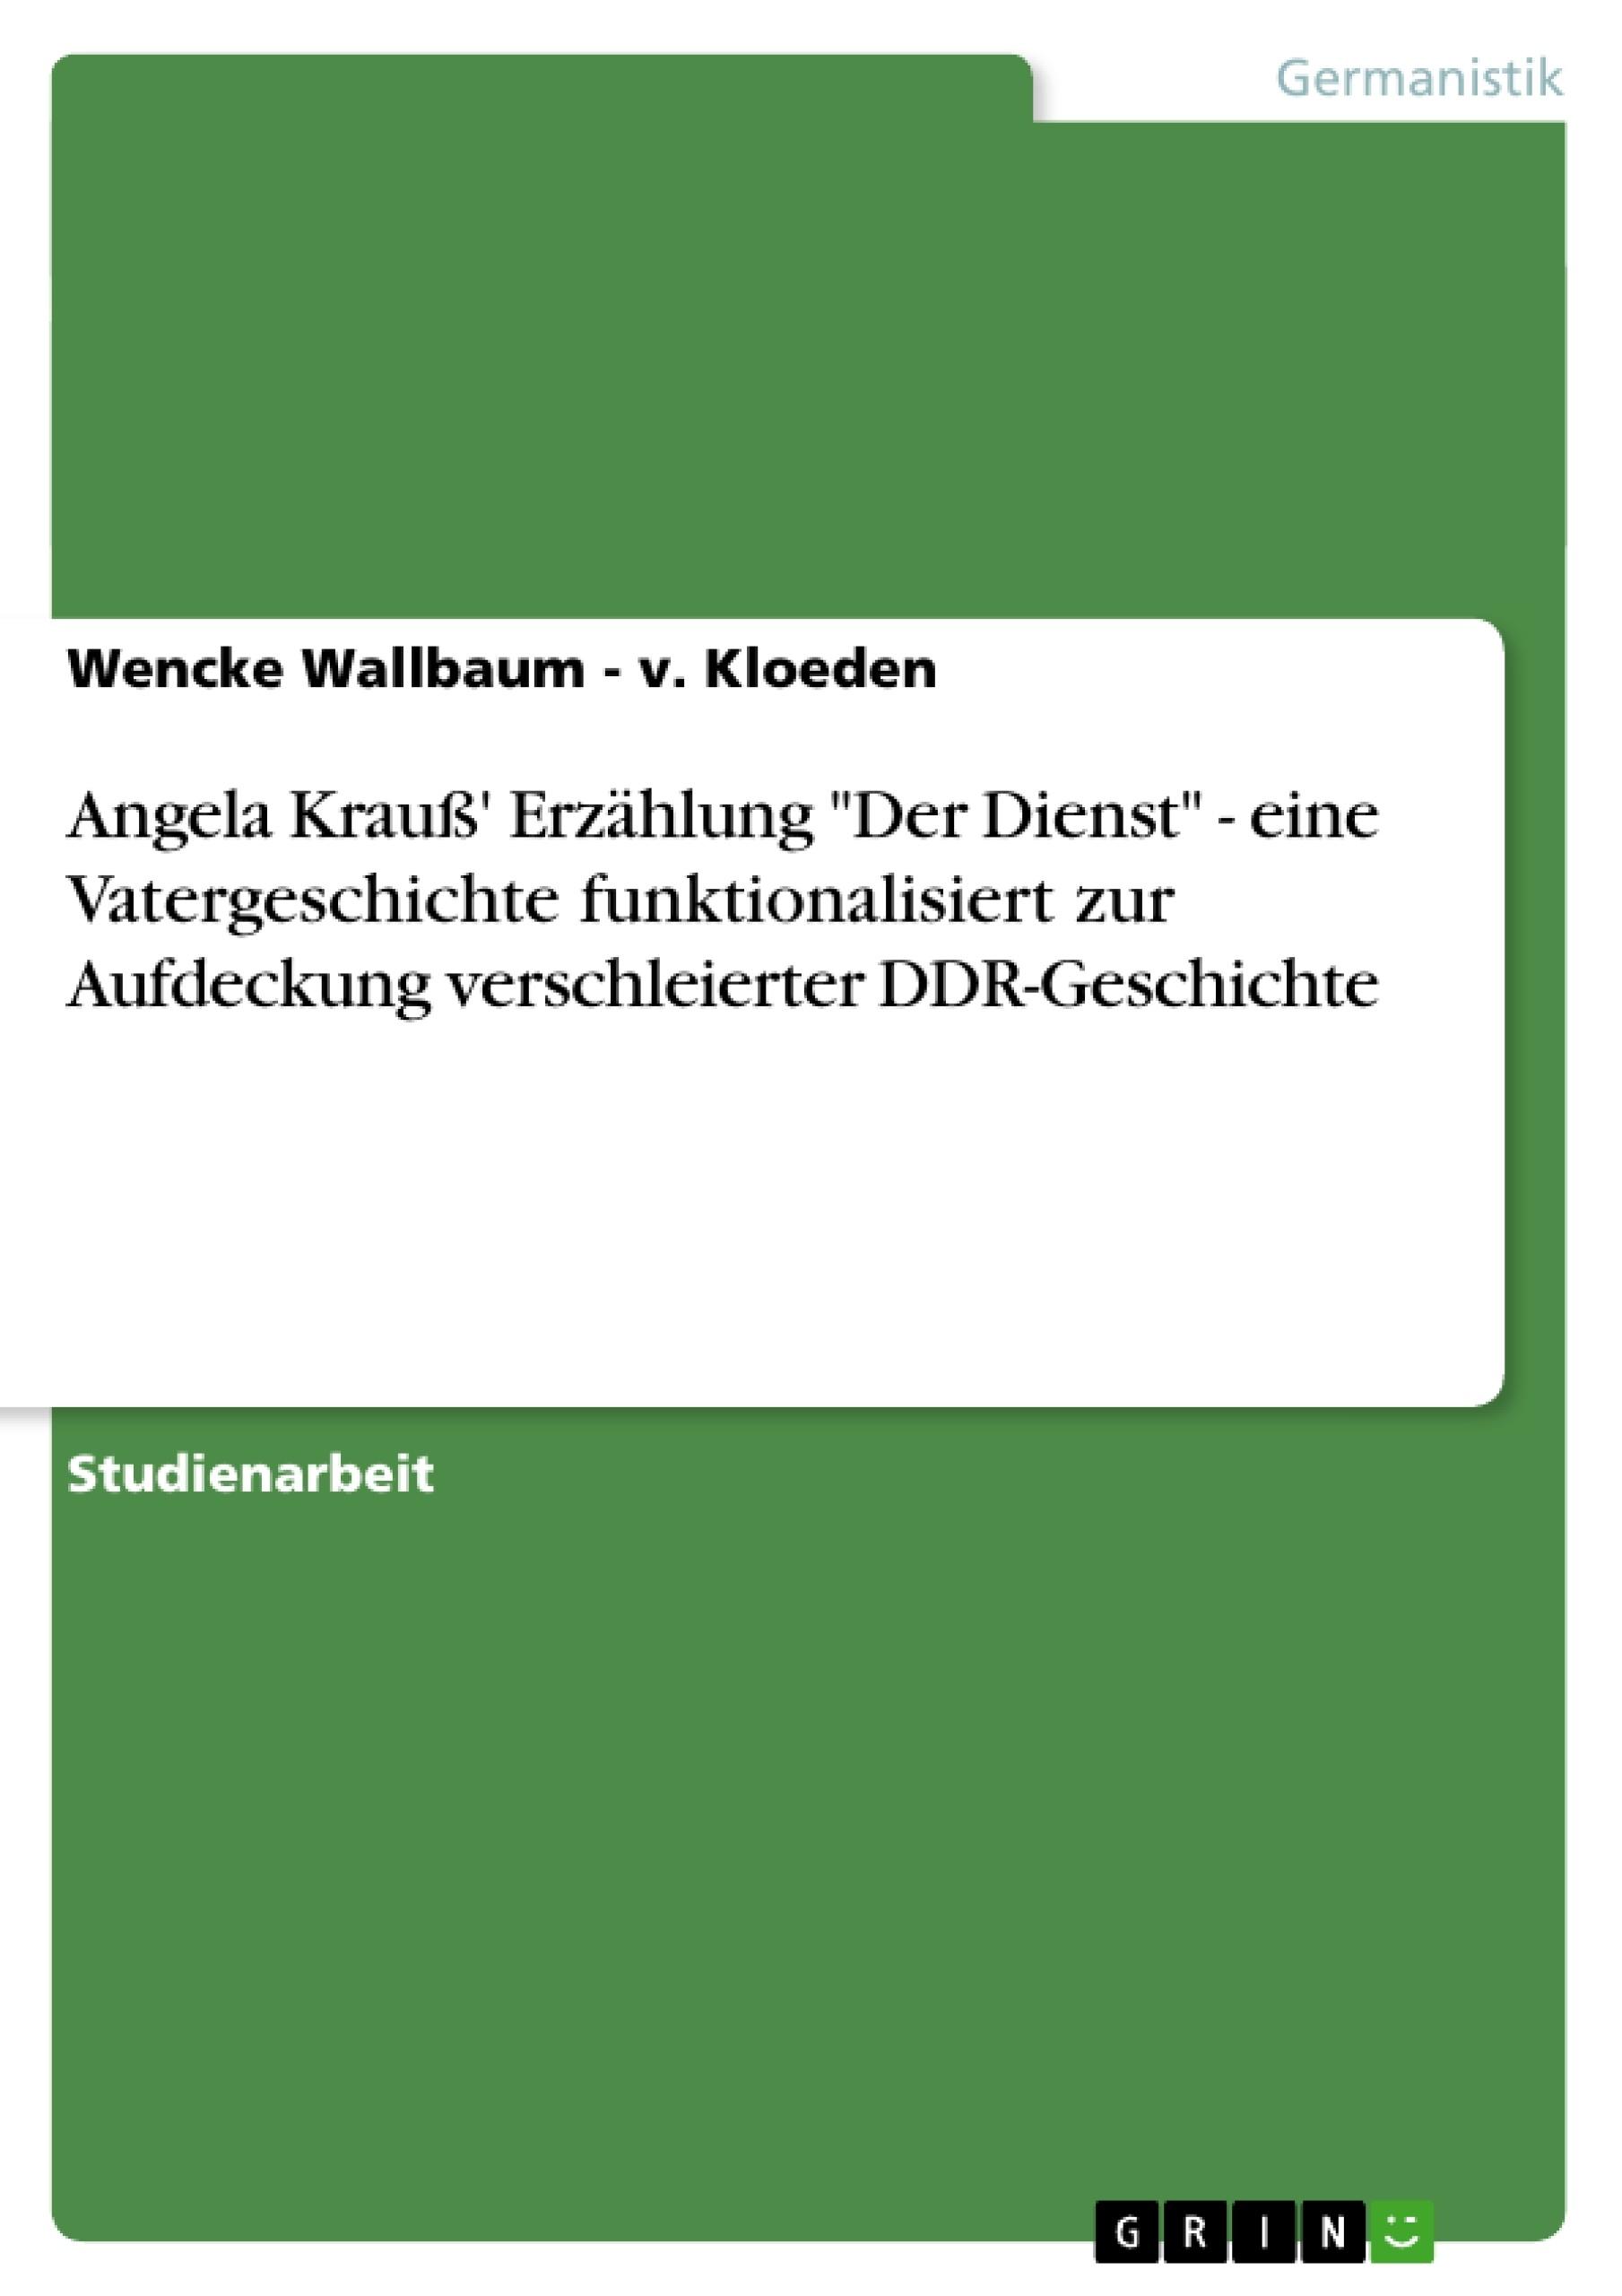 """Titel: Angela Krauß' Erzählung """"Der Dienst"""" - eine Vatergeschichte funktionalisiert zur Aufdeckung verschleierter DDR-Geschichte"""